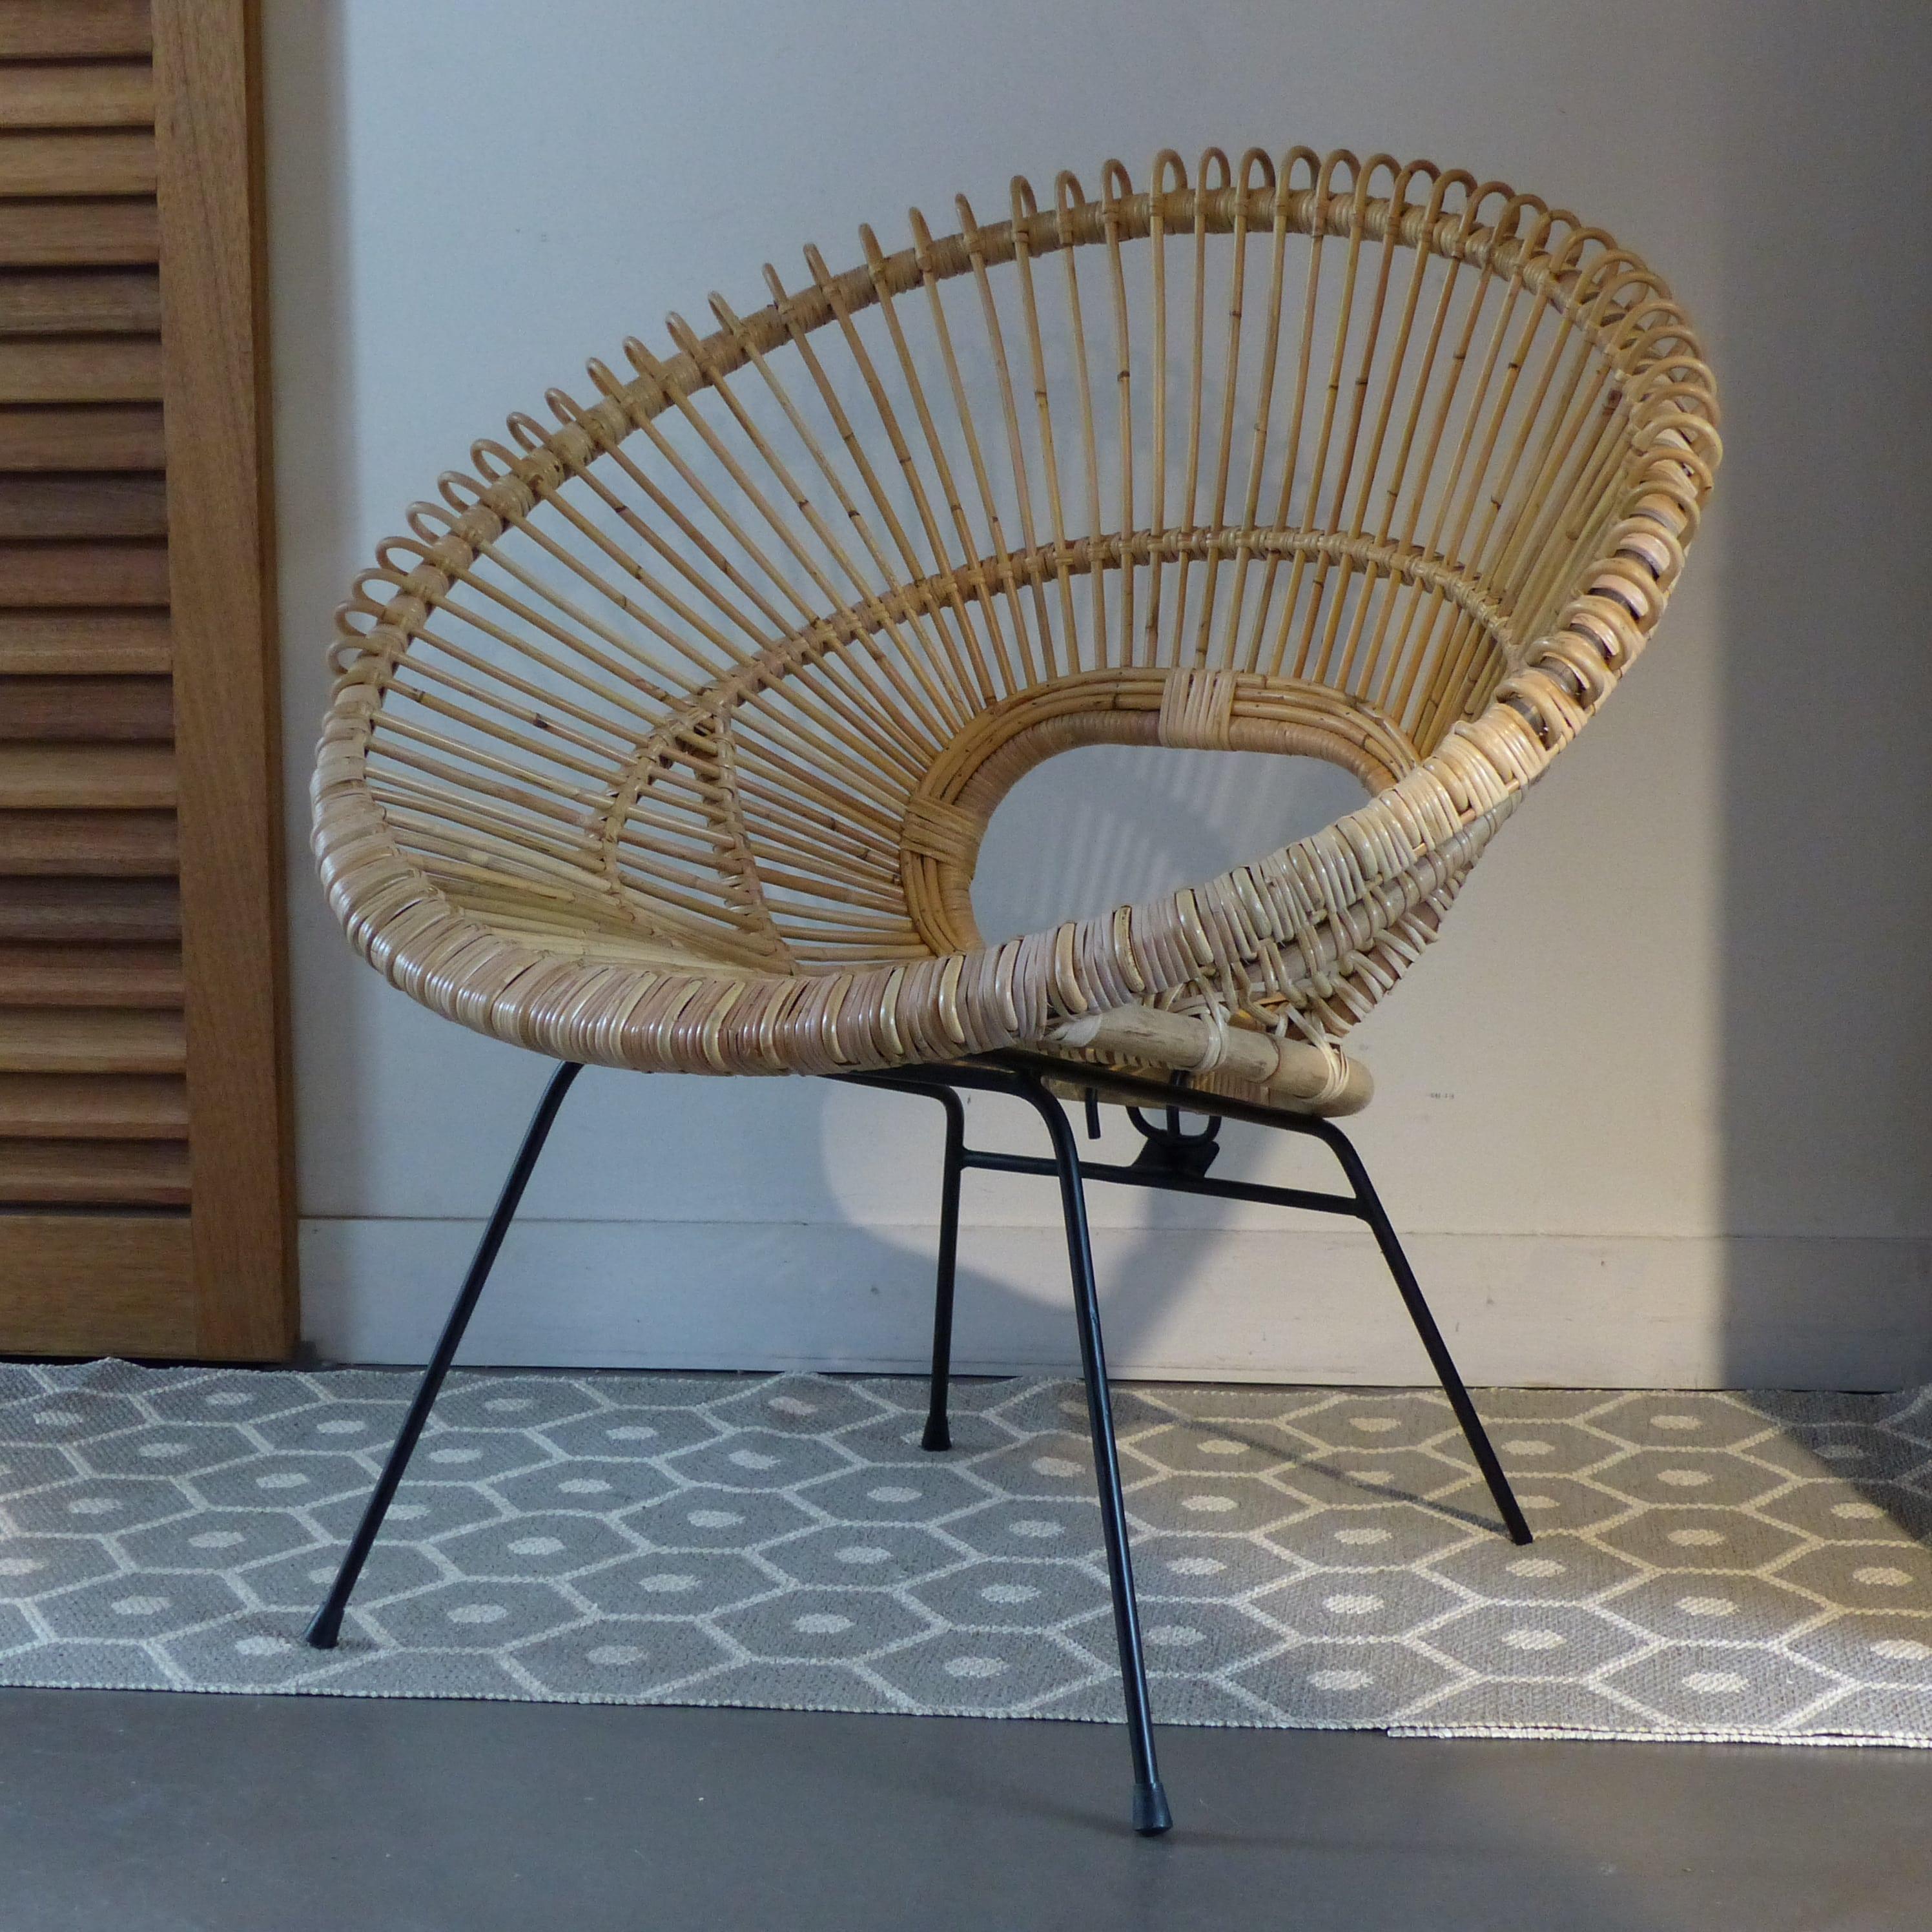 fauteuil soleil en rotin lignedebrocante brocante en ligne chine pour vous meubles vintage. Black Bedroom Furniture Sets. Home Design Ideas